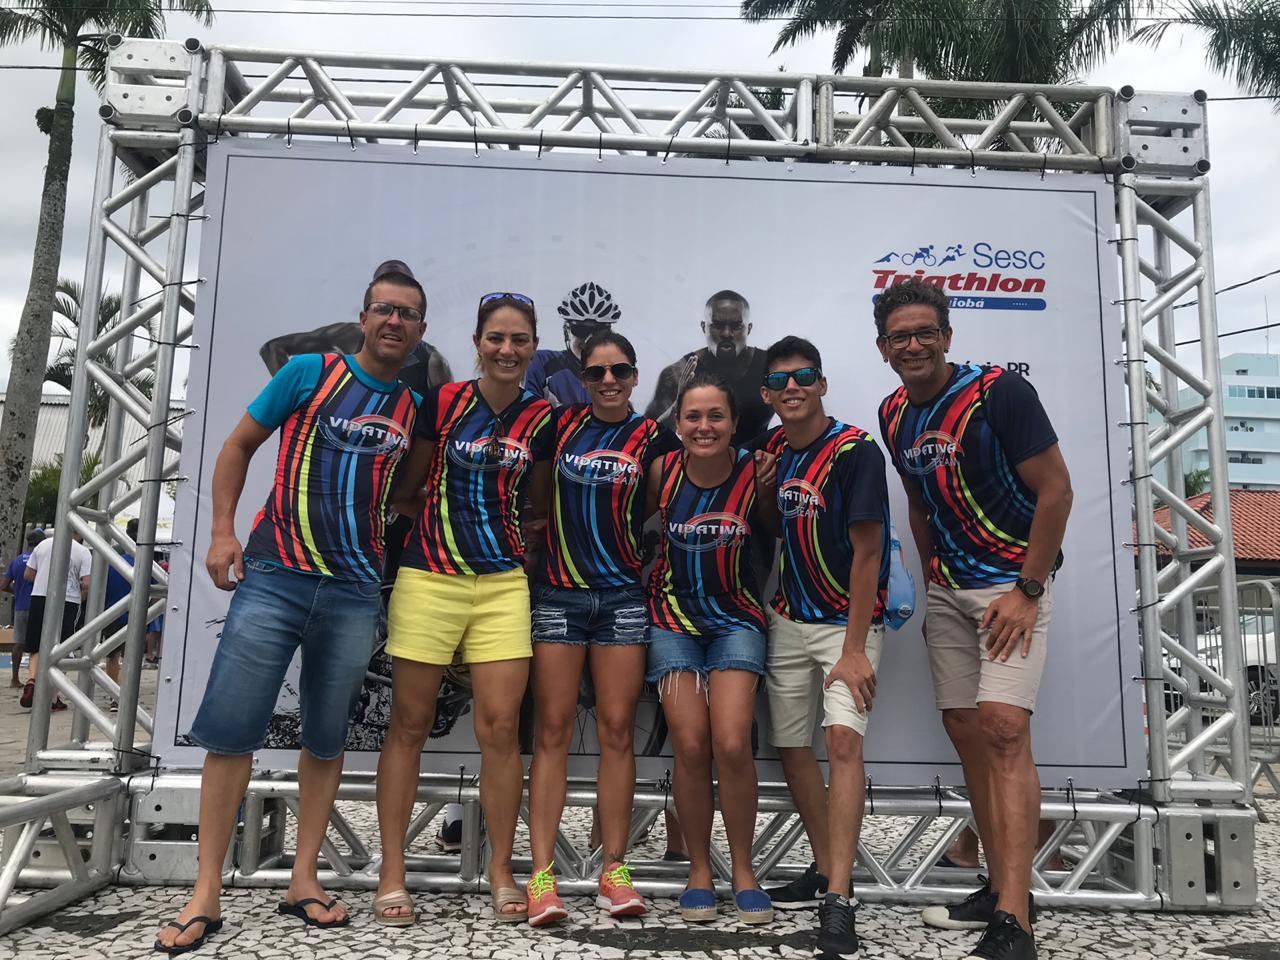 Atletas de Jacarezinho participam do 31º Sesc Triathlon Caiobá